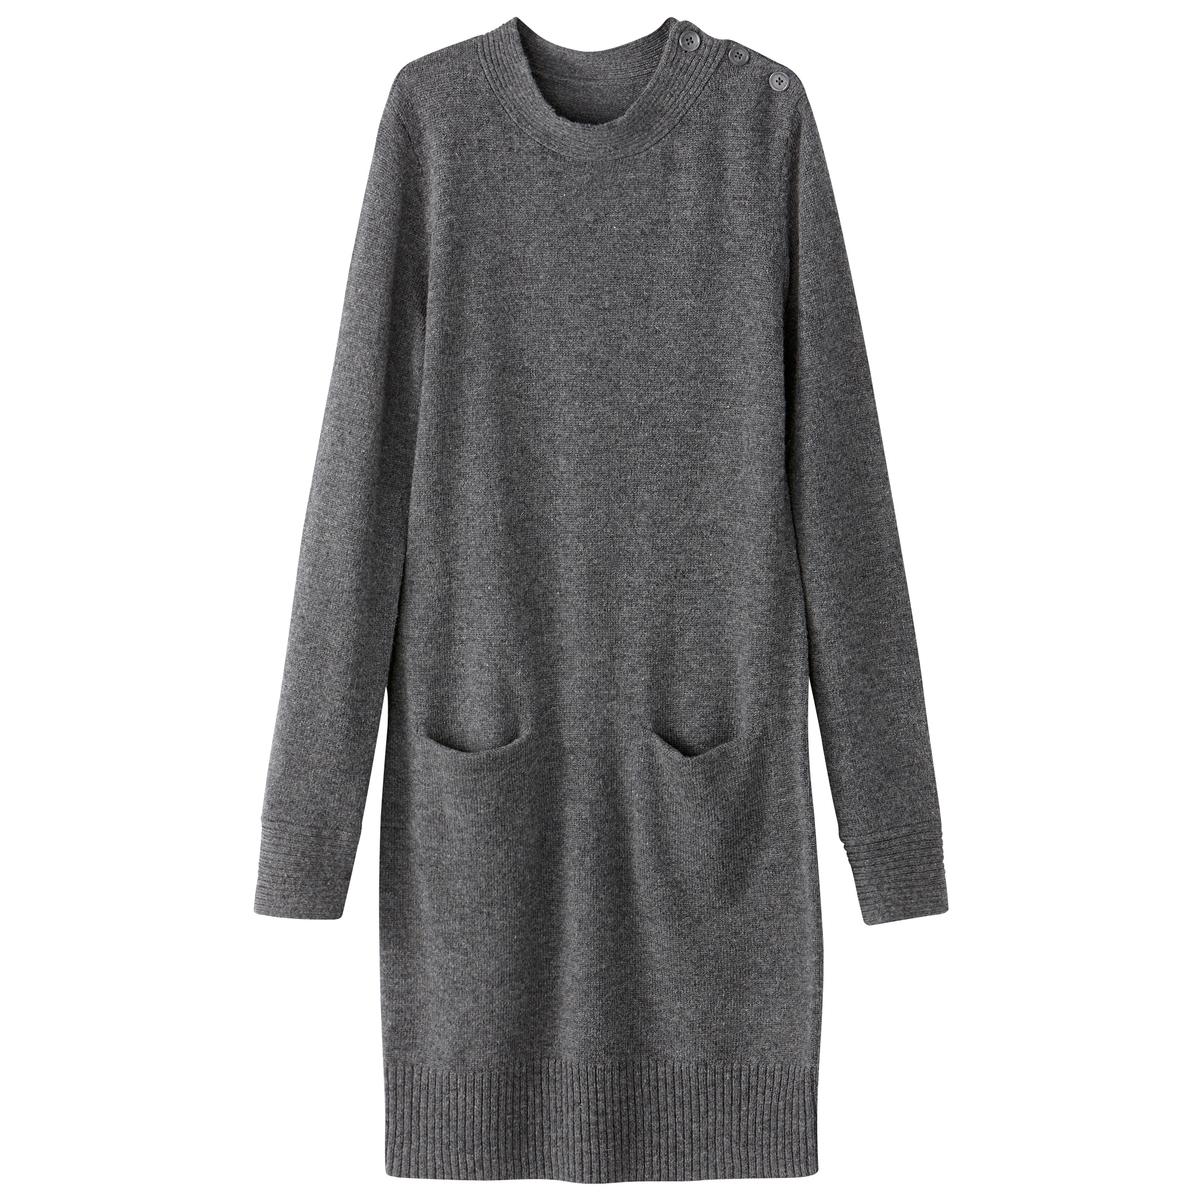 Vestido direito, tricot